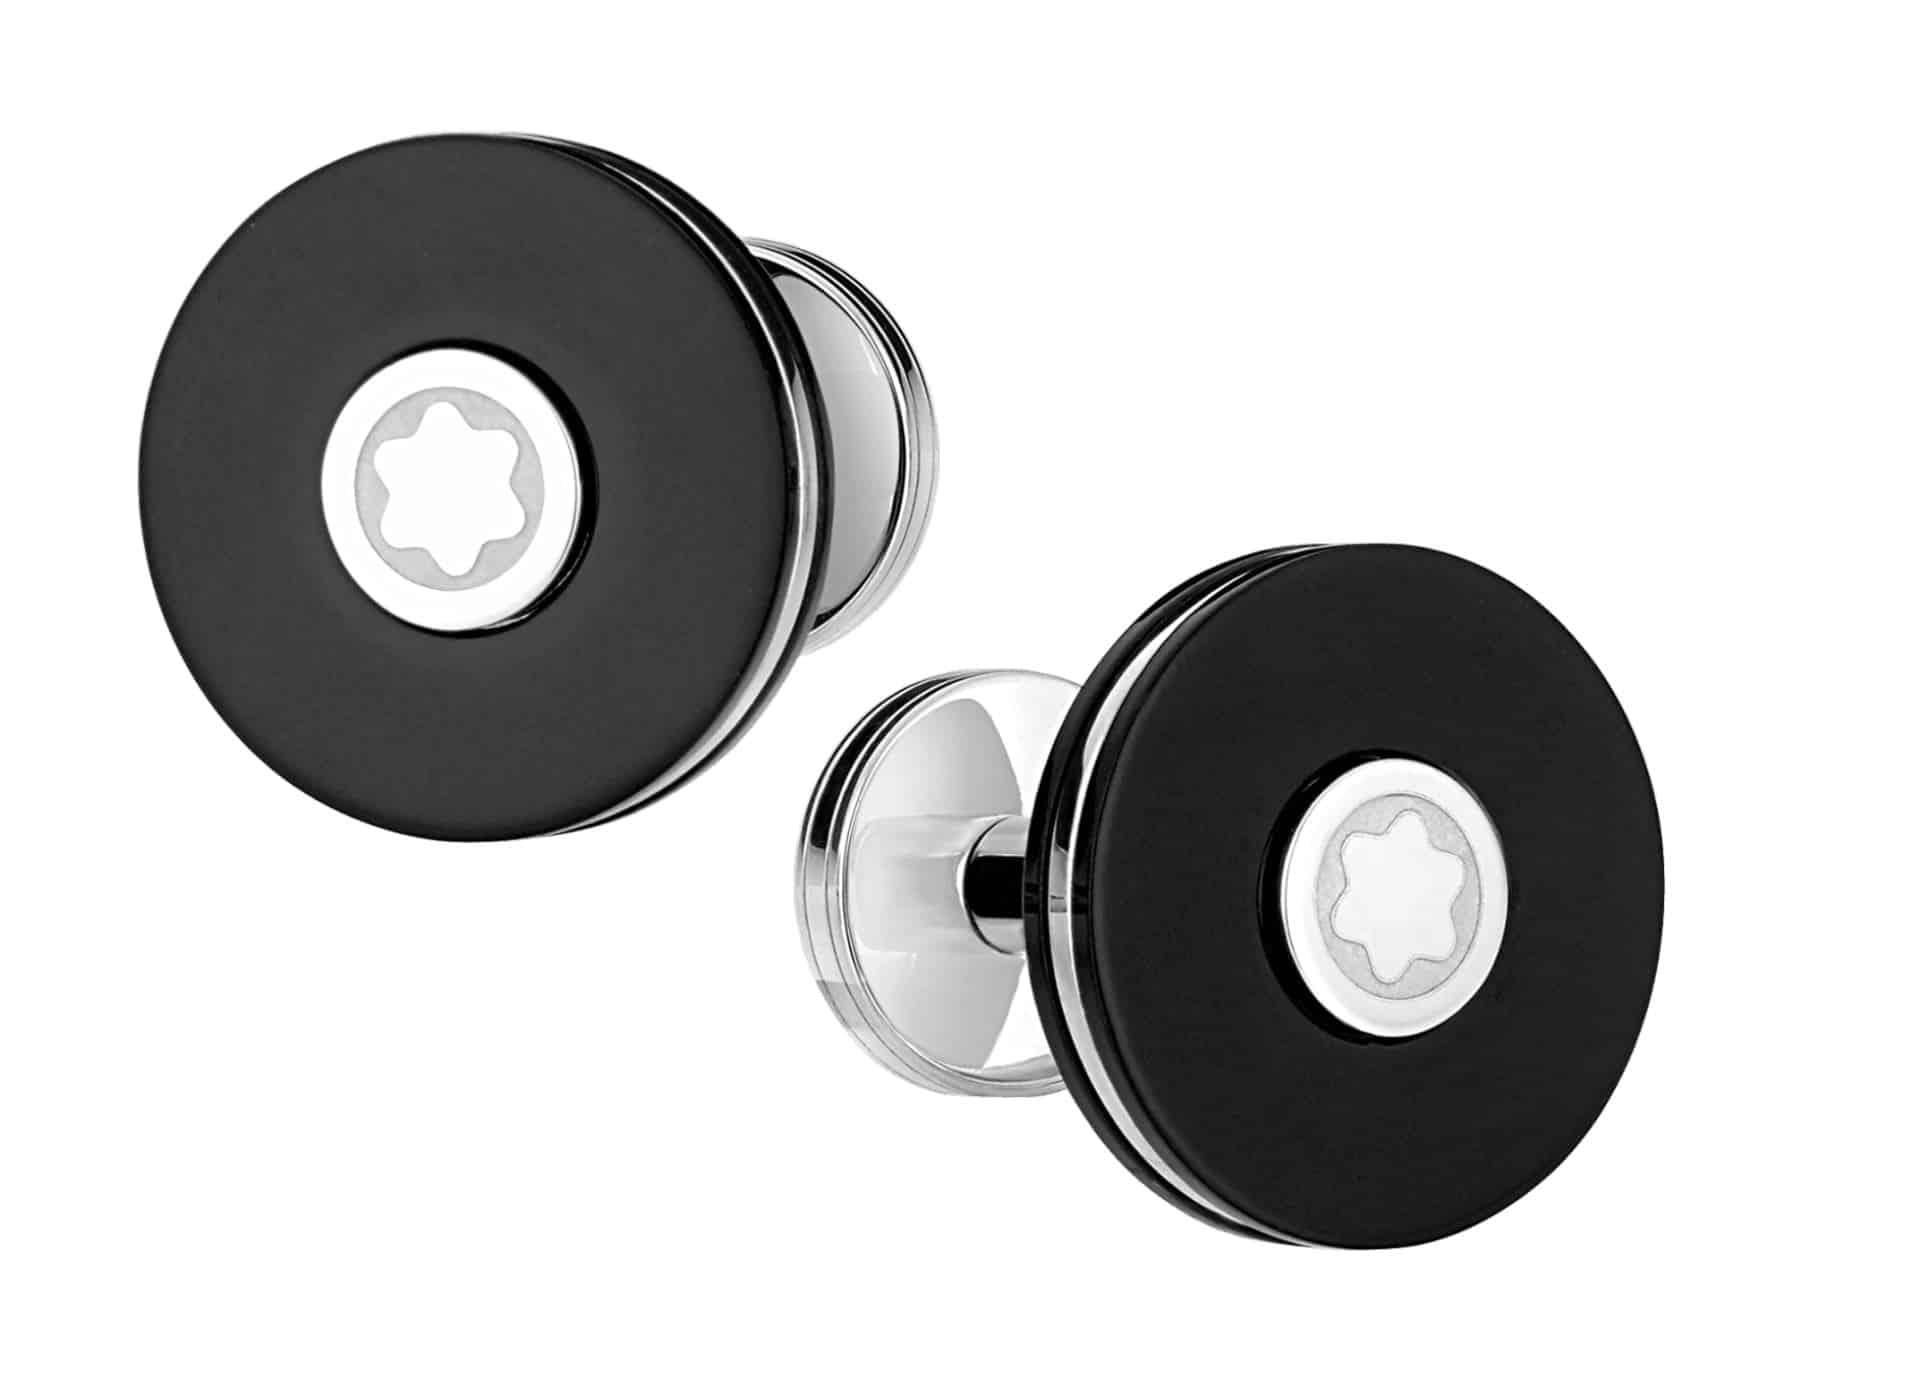 Die Montblanc Manschettenknöpfe Pix sind schlicht, schwarz-weiß und rund